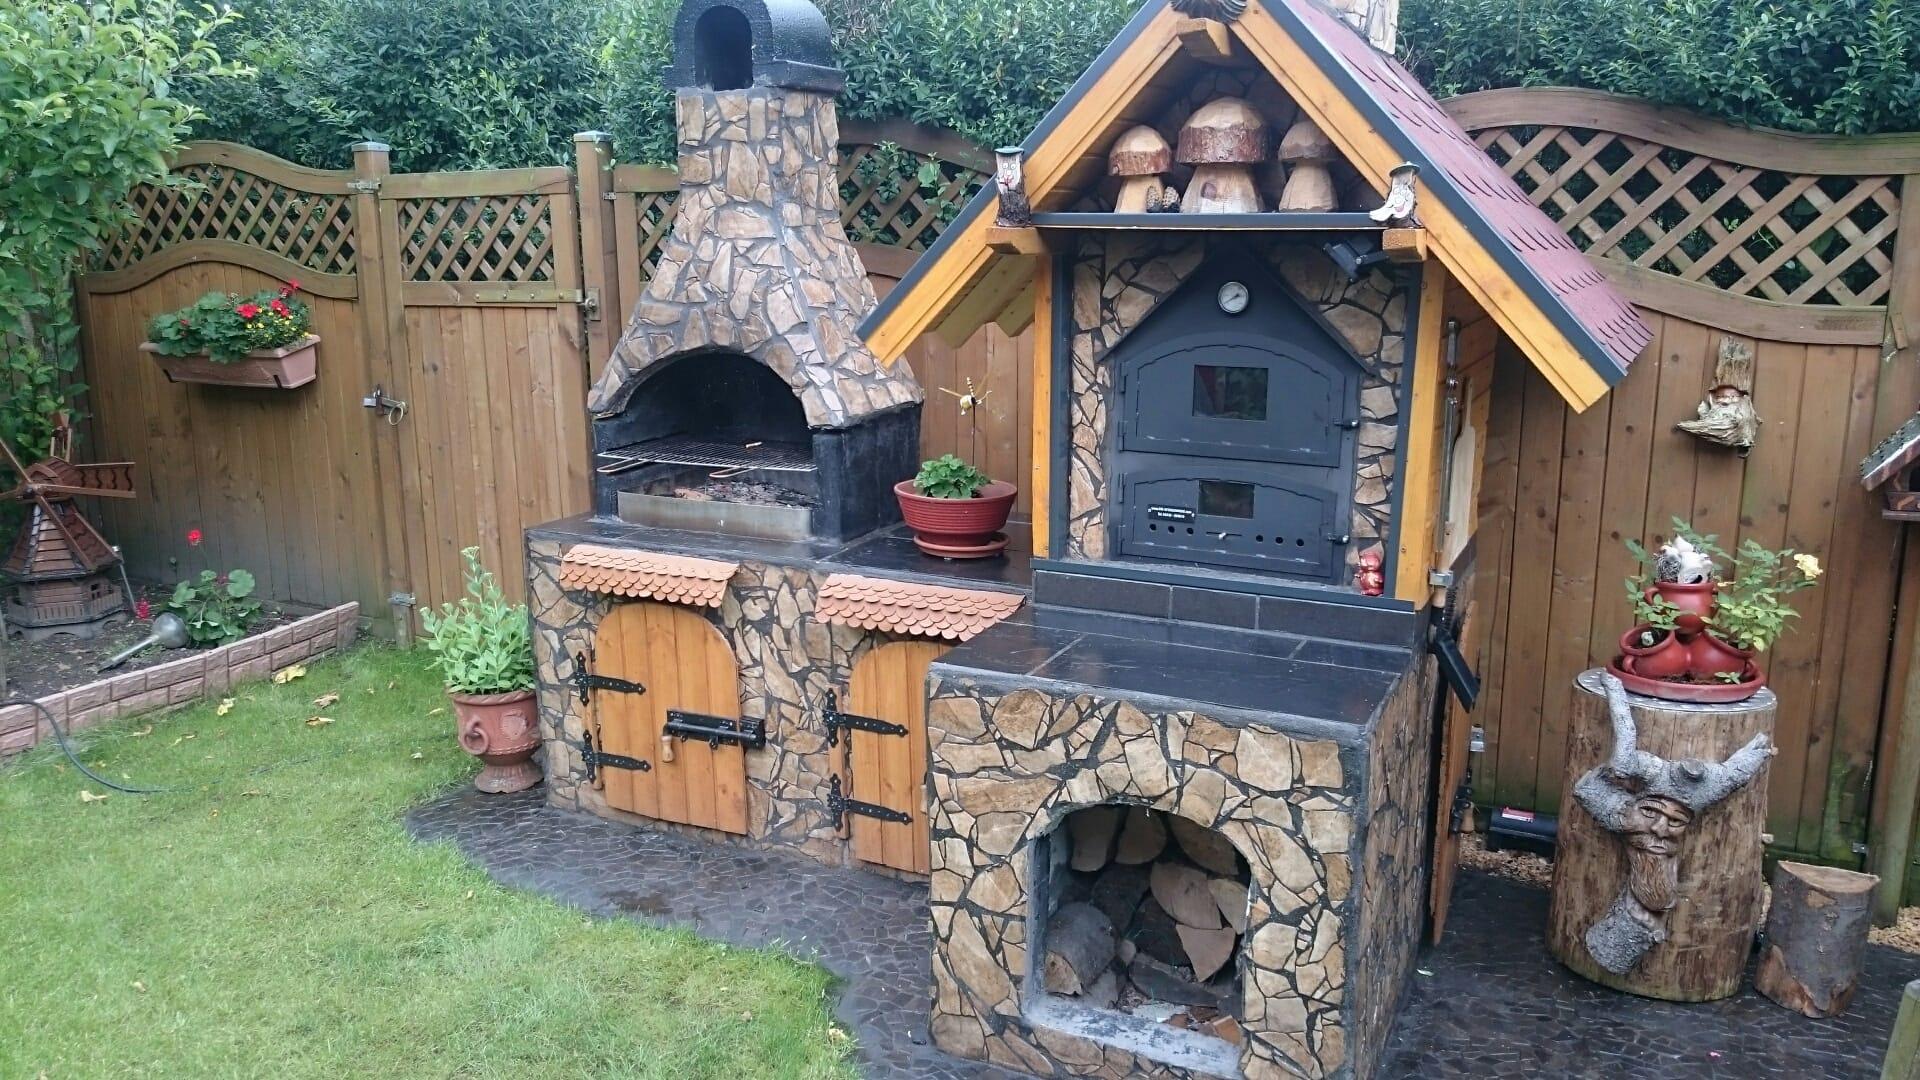 Outdoorküche Mit Holzbackofen : Die ofenschmiede holzbacköfen kaminöfen grills